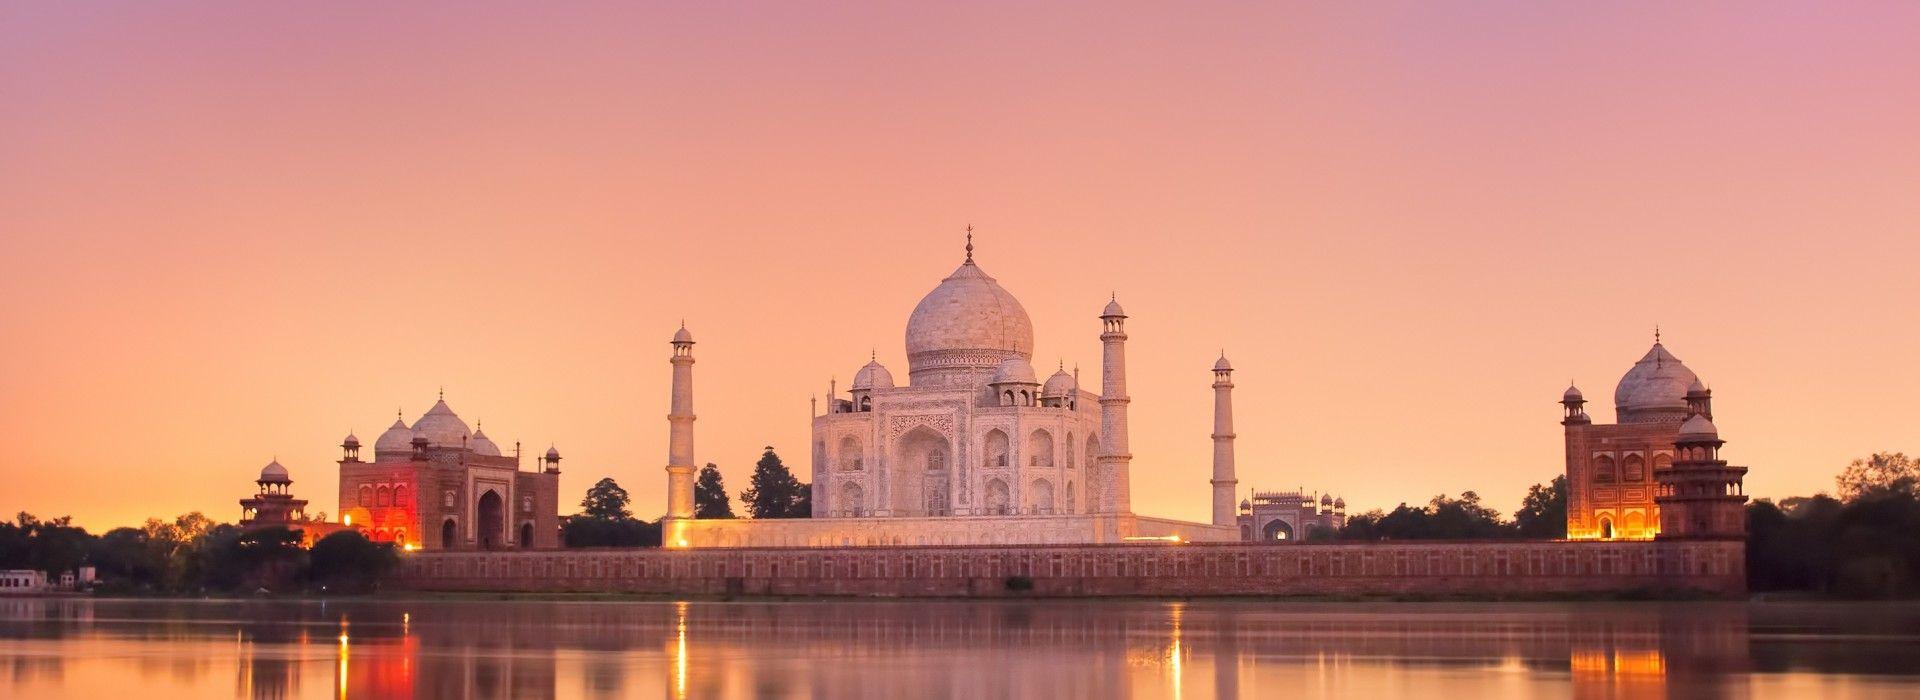 Safari Tours in Delhi & Golden Triangle